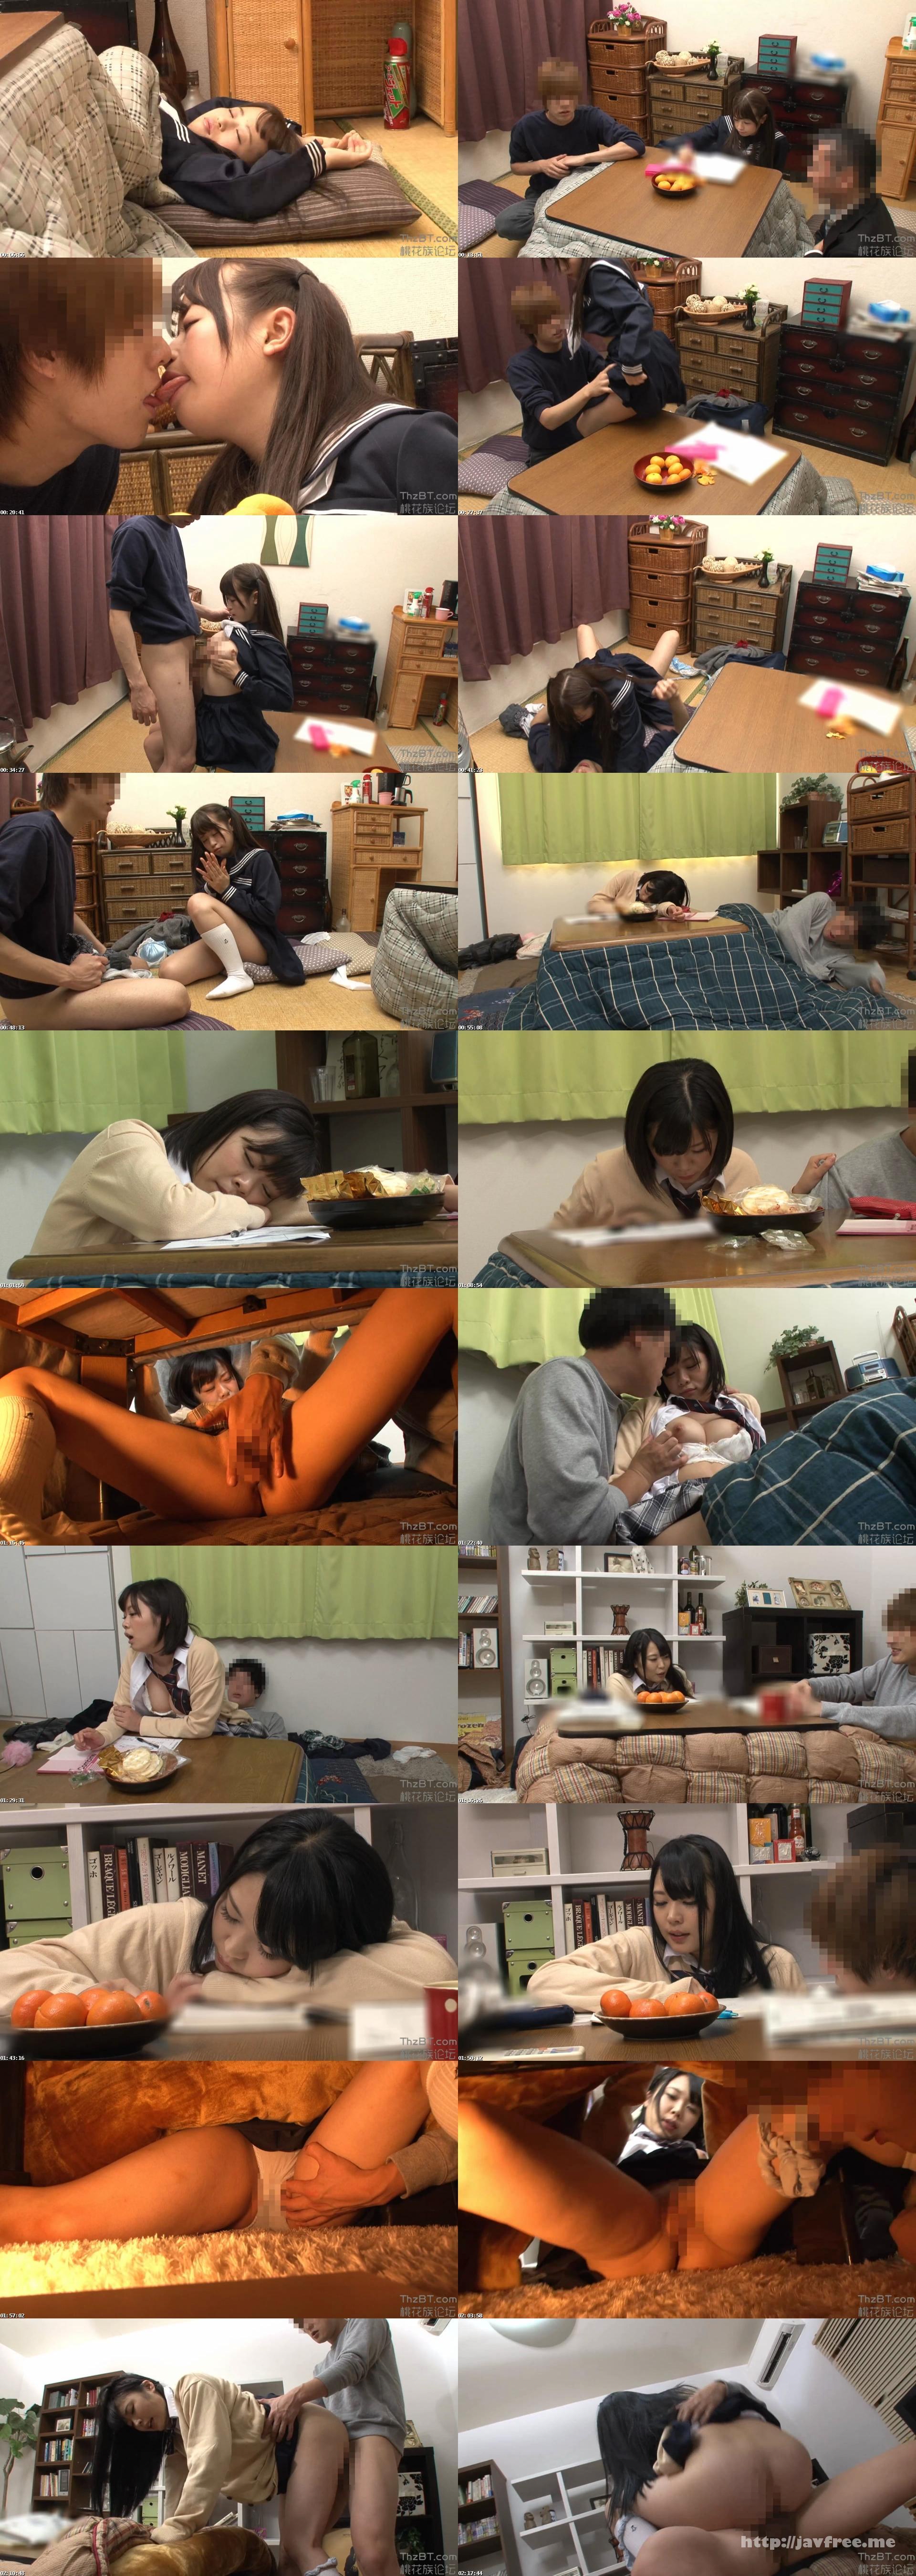 [HUNTA-257] 親に隠れてコタツの中で大胆近親相姦!妹がコタツで宿題をしていたようだけど気が緩んで寝てしまったみたい。妹の足が邪魔でふと中をのぞくとパンツ丸出しで大股開きで寝ている。妹だとわかっていても気になってしまい潜り込んでじっくりパンチラ鑑賞。見ているうちに魔が…